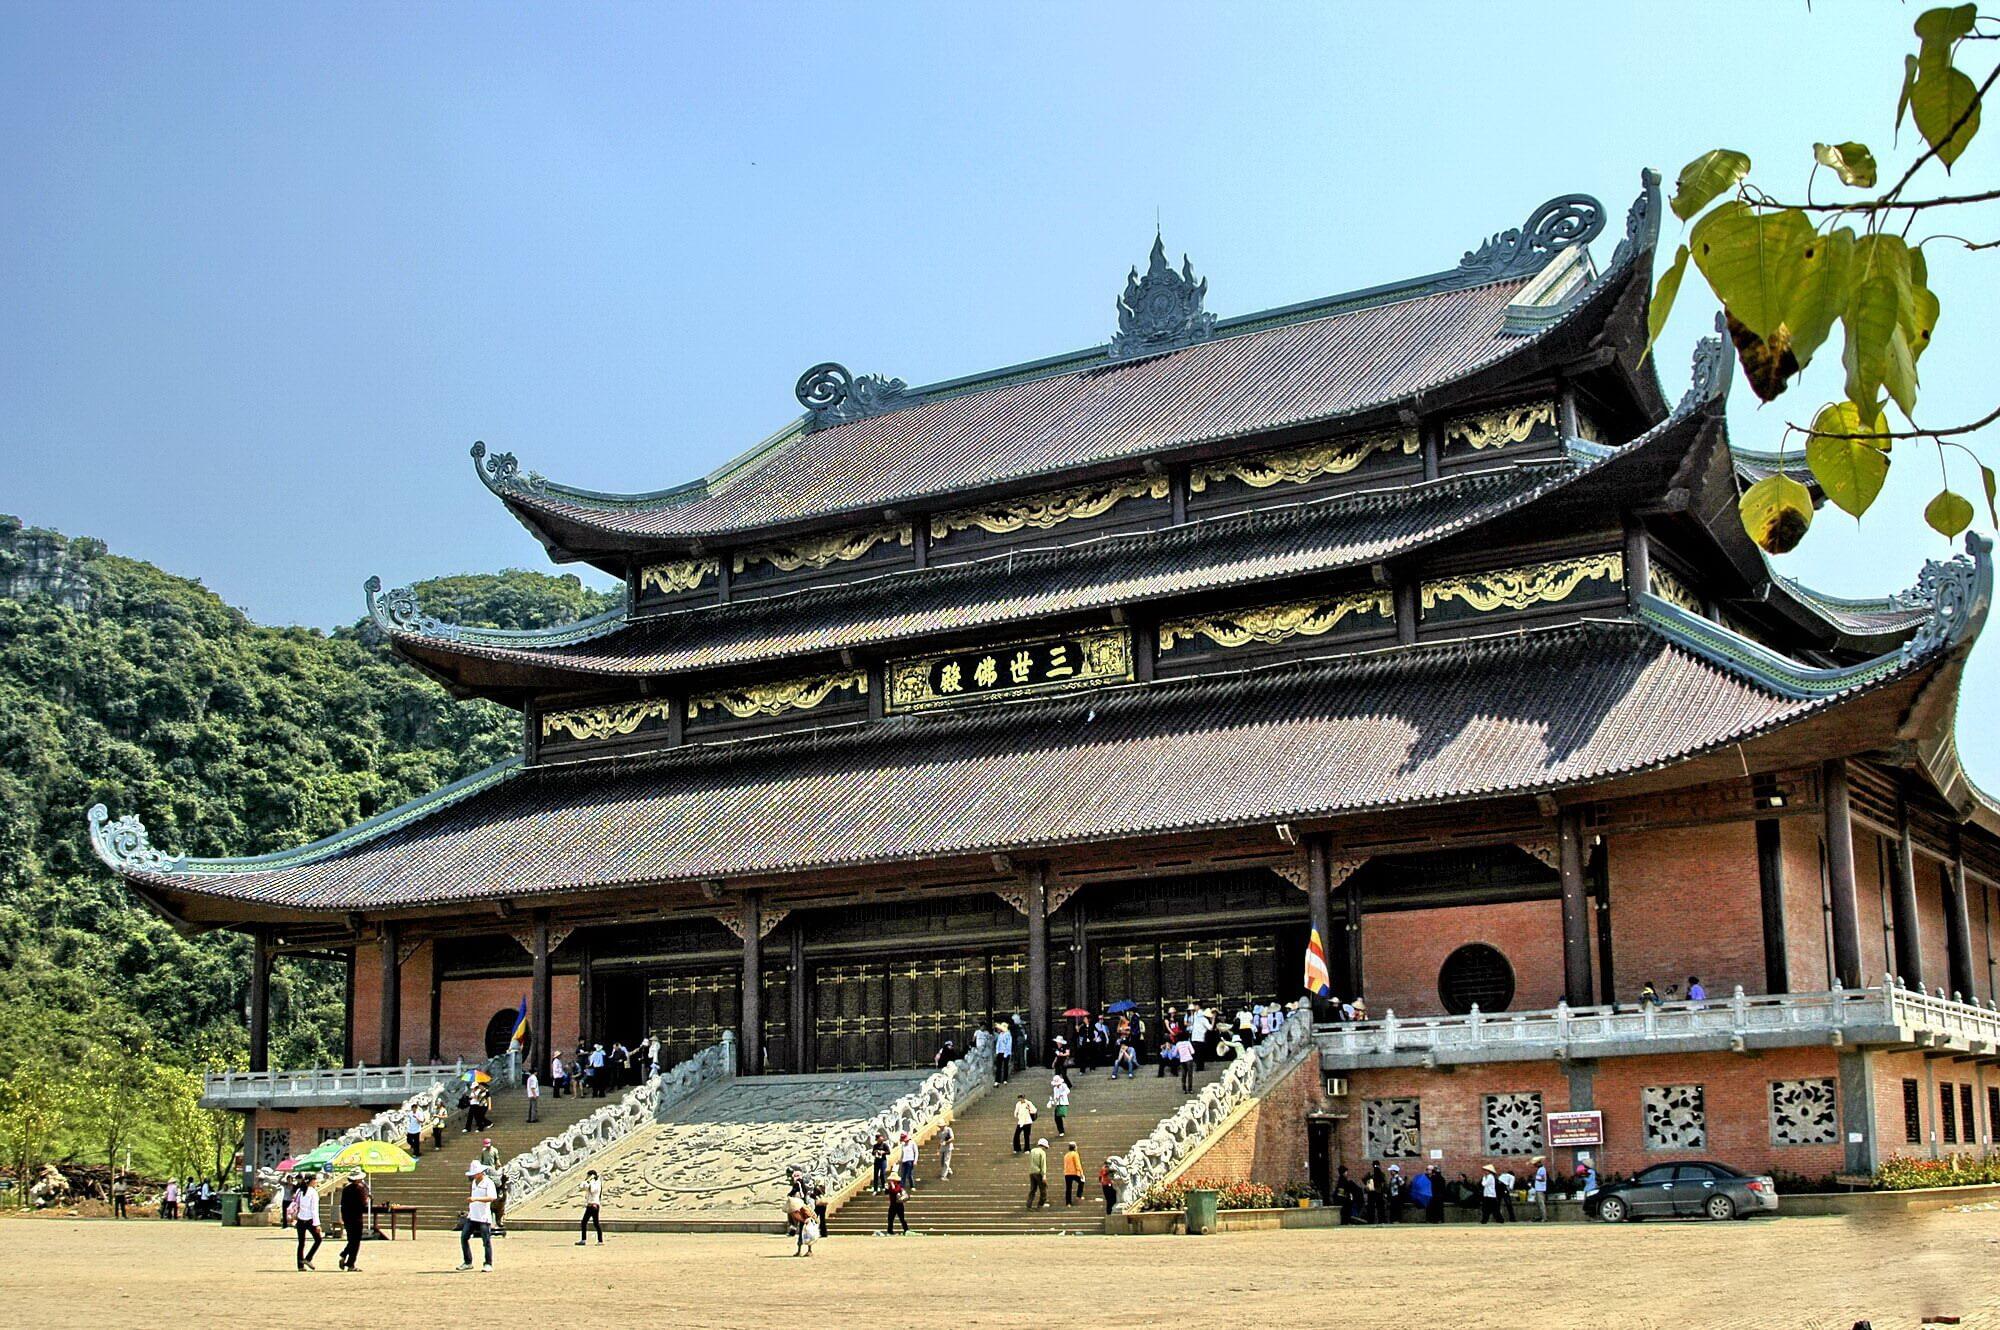 Du xuân hành hương trẩy hội Kinh Bắc